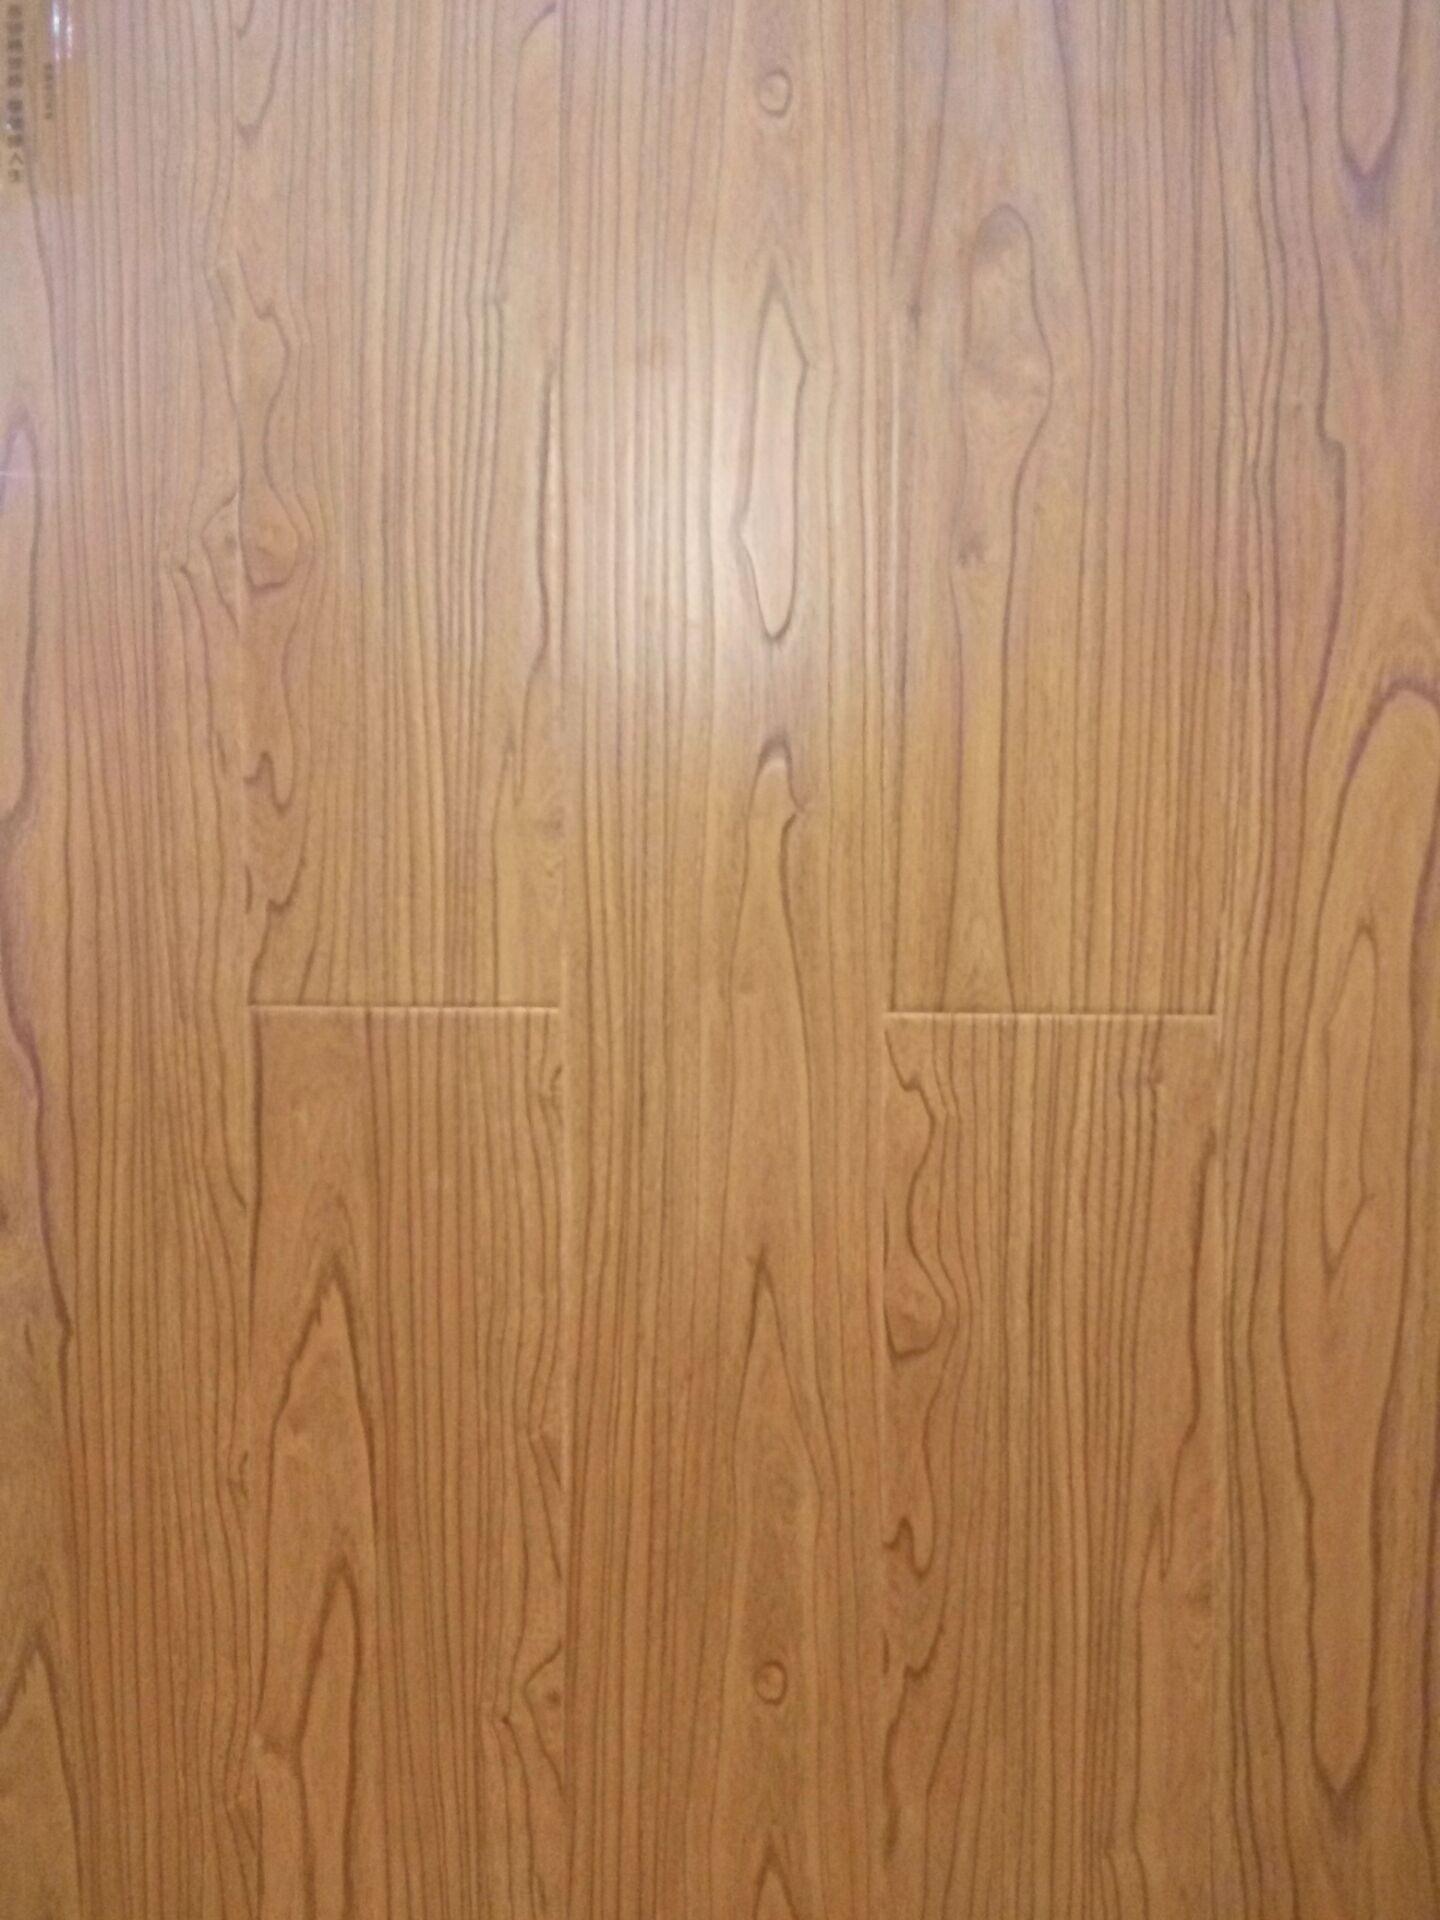 贵阳银燕地板